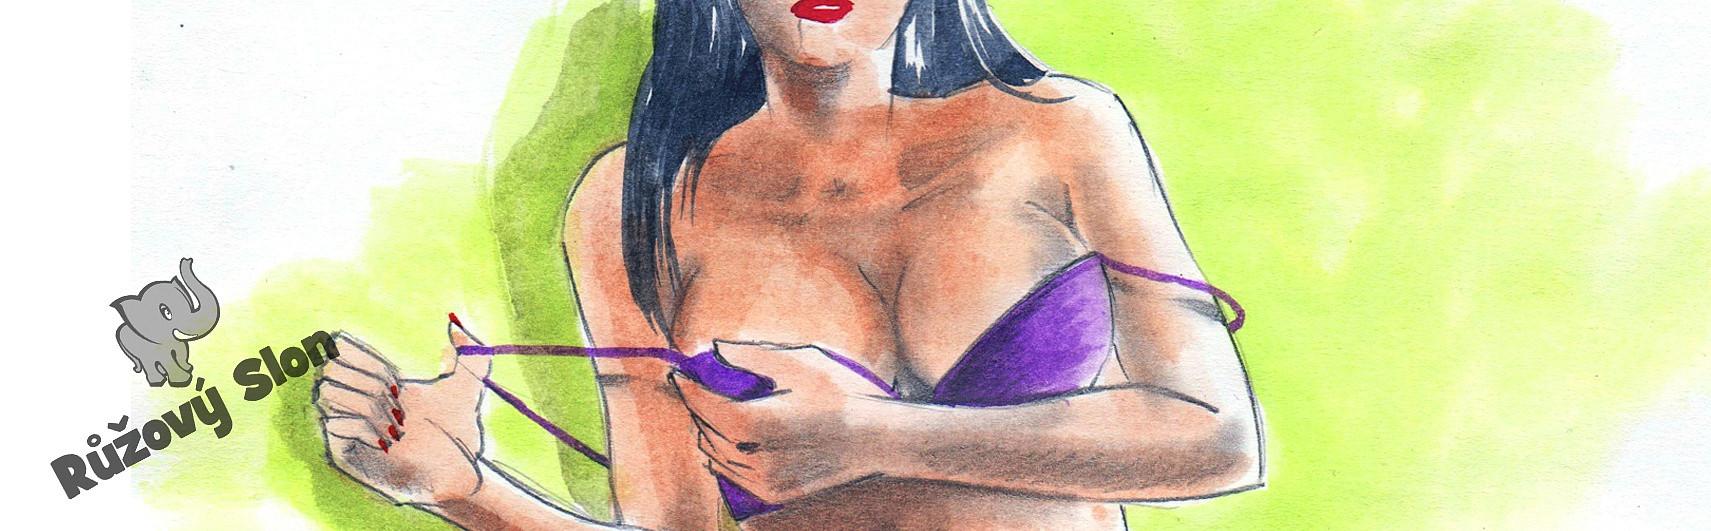 žena si svléká podprsenku